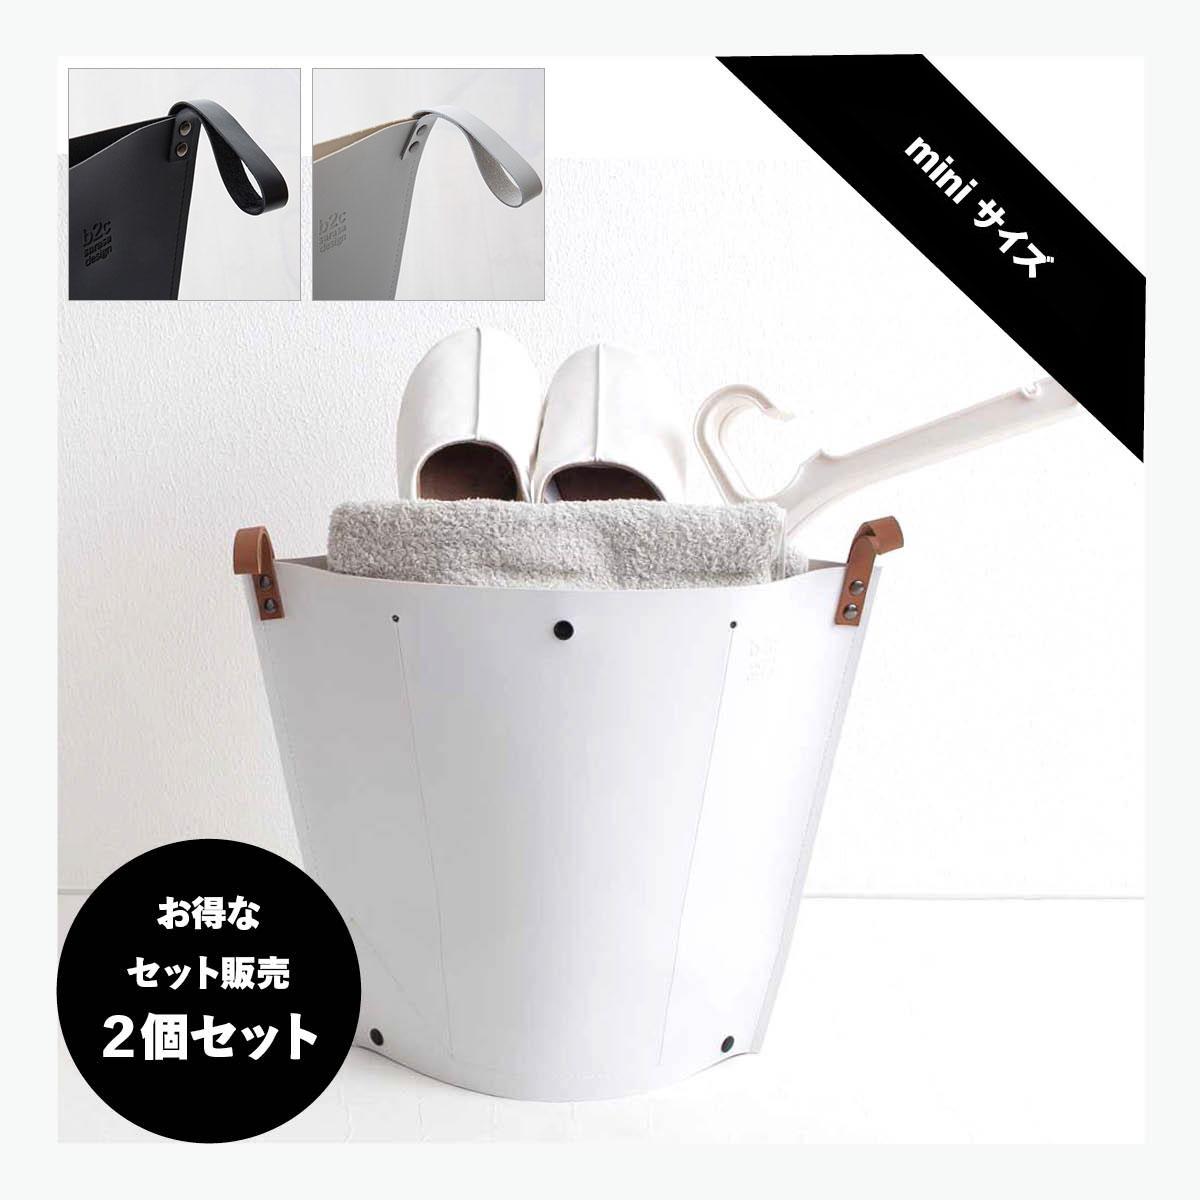 [当店通常価格¥4,104 |お得なセット販売●b2cランドリーバッグ miniサイズ=2個セット]